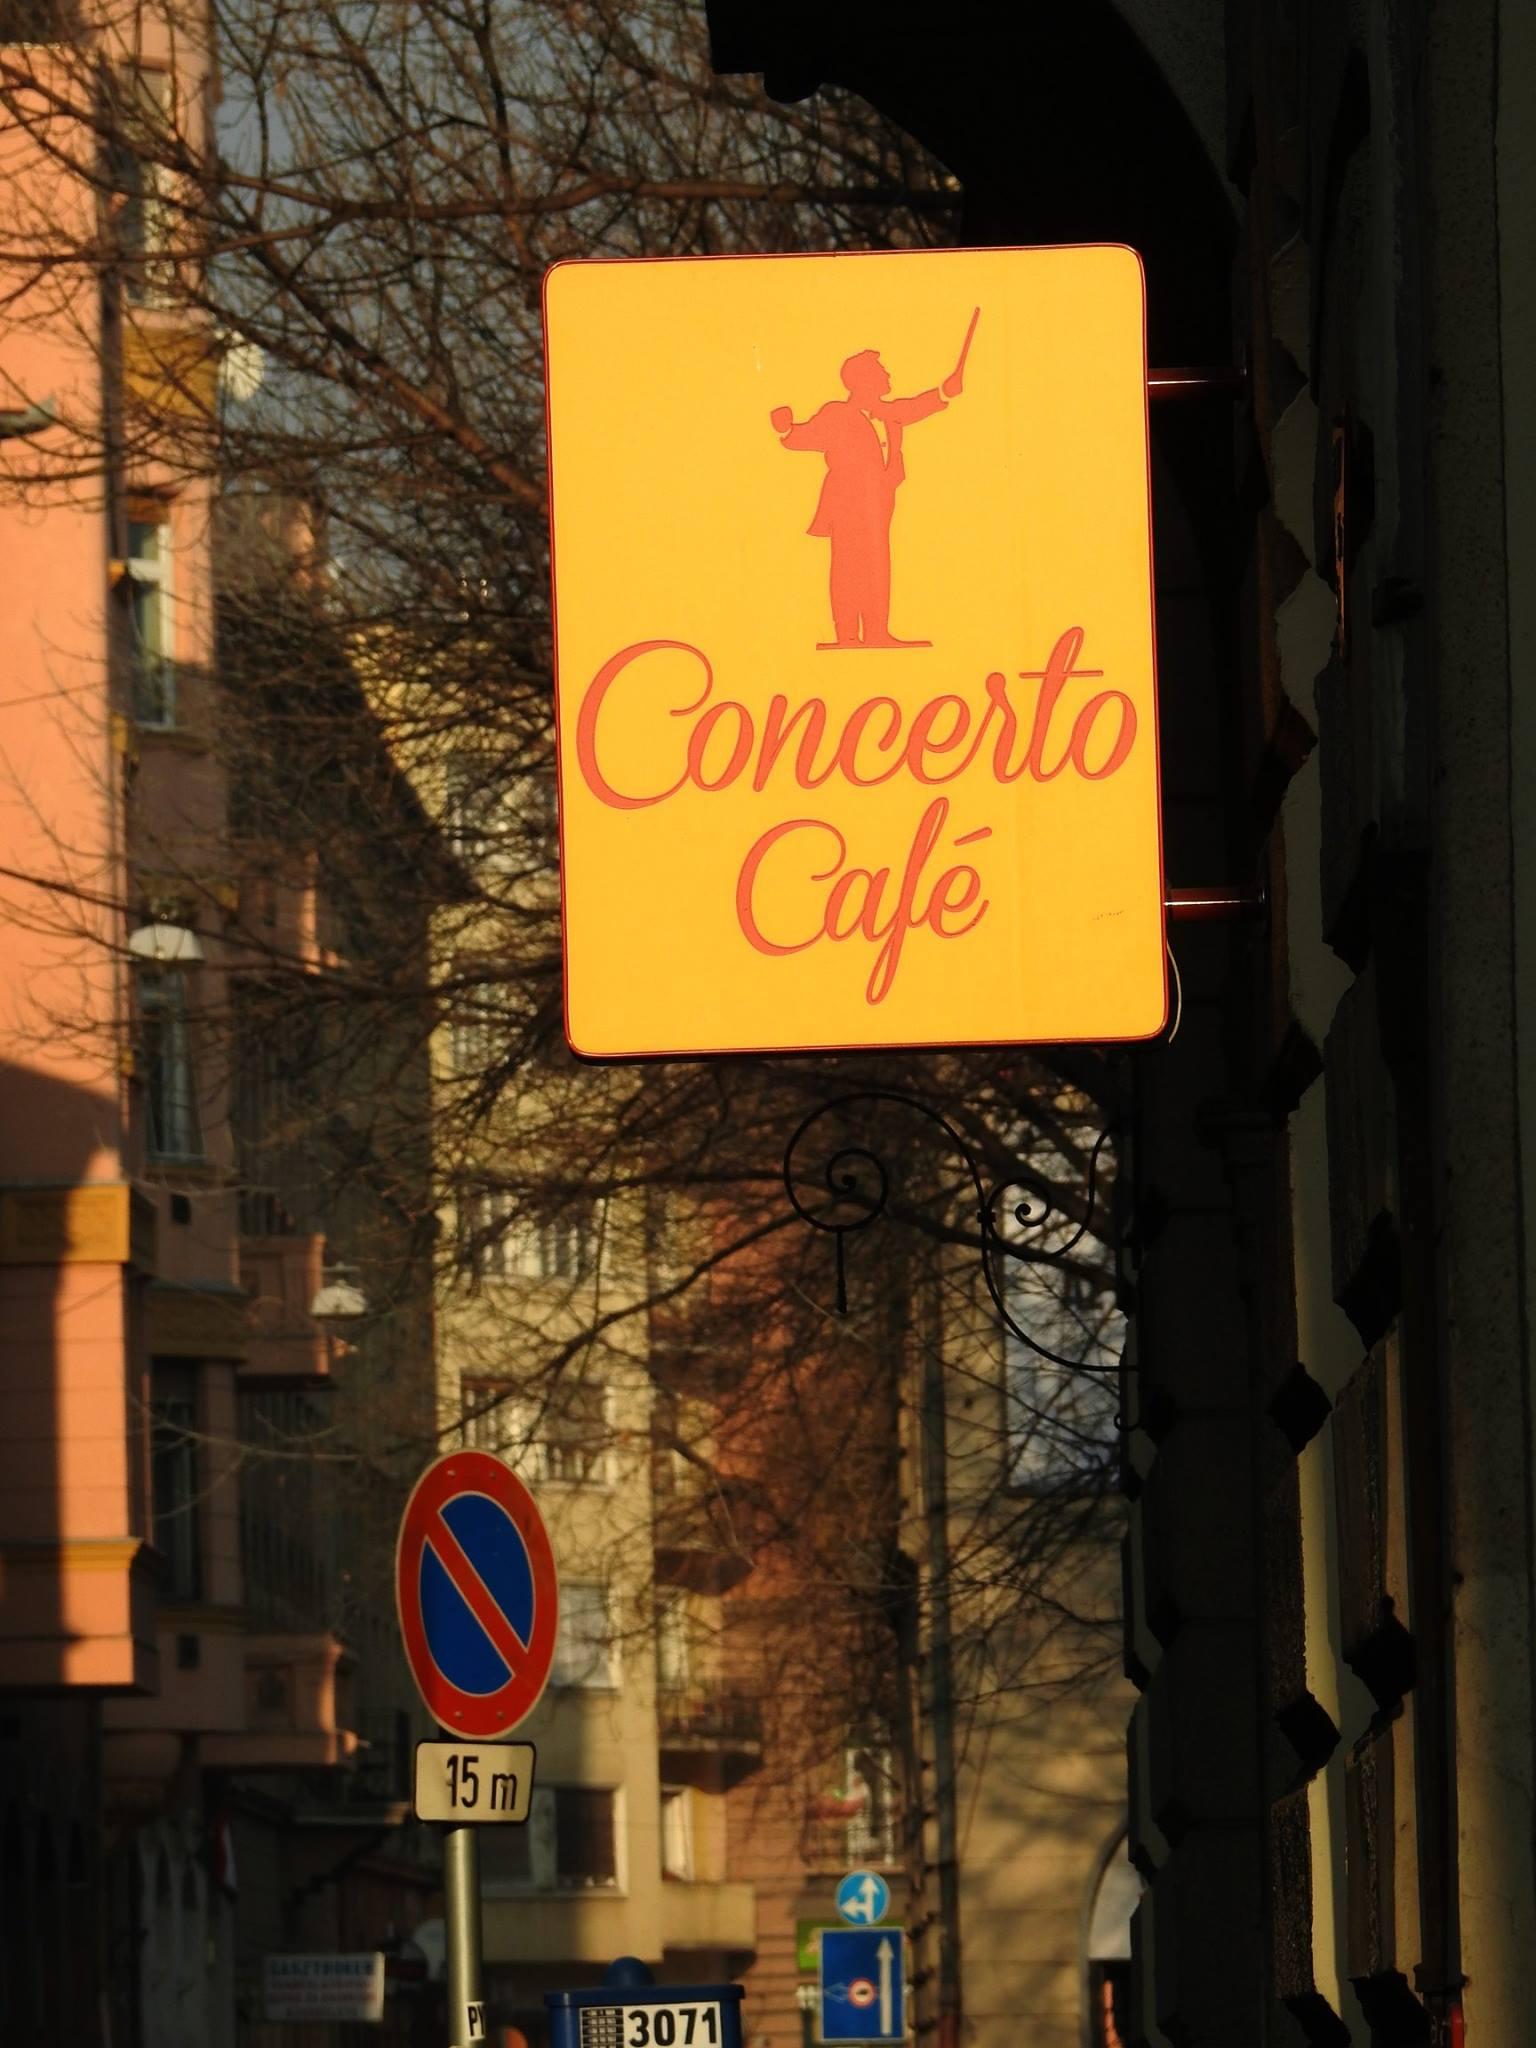 Concerto Café